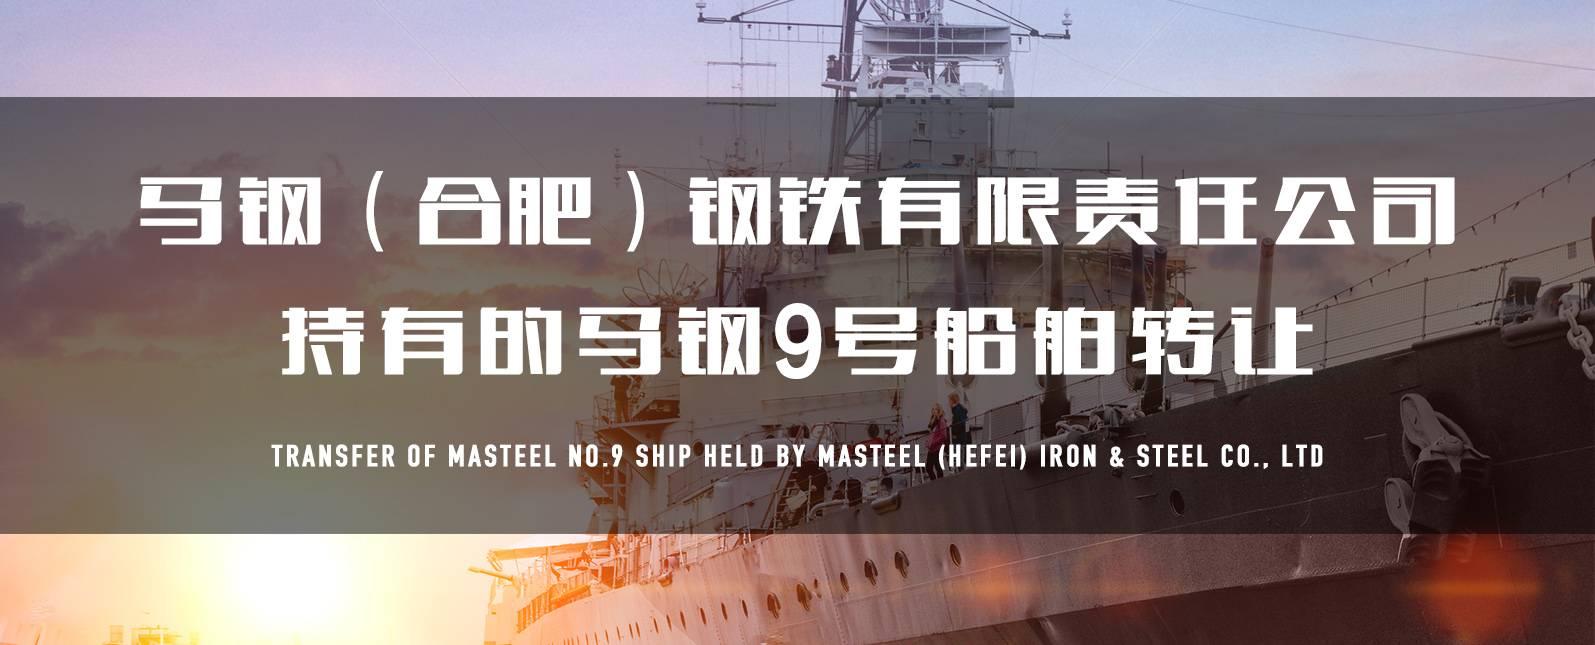 马钢(合肥)钢铁有限责任公司持有的马钢9号船舶转让